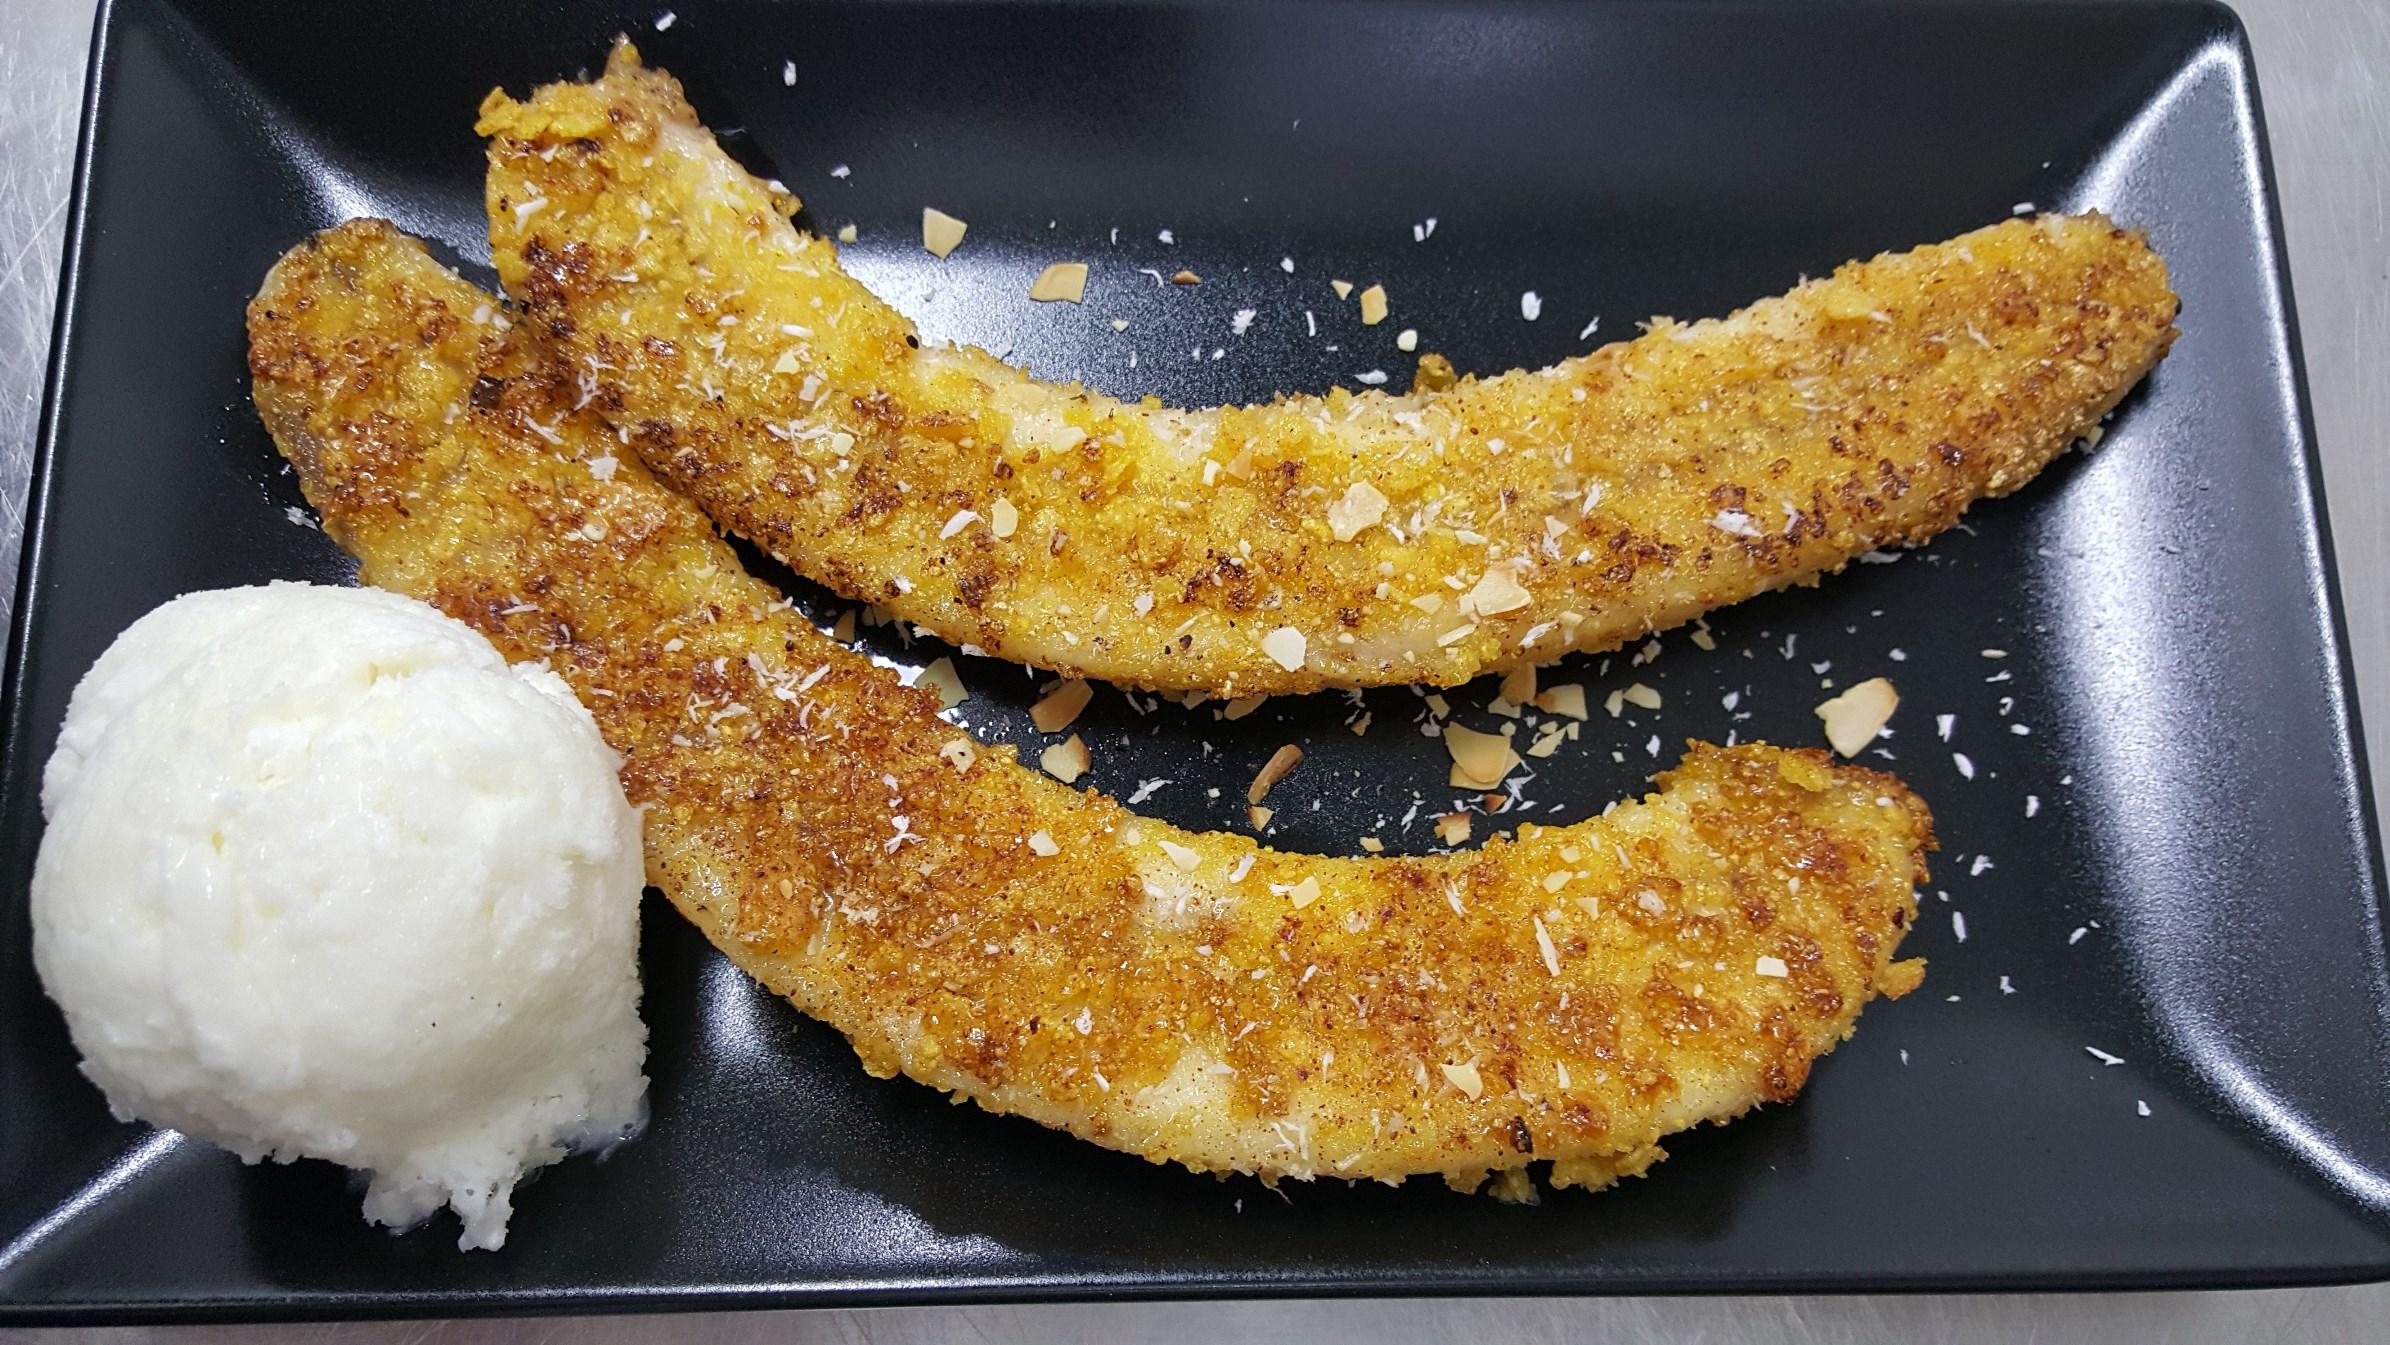 КЛУЙ ТОД - Пържен банан с мед, кокосови стърготини, сервиран със сладолед